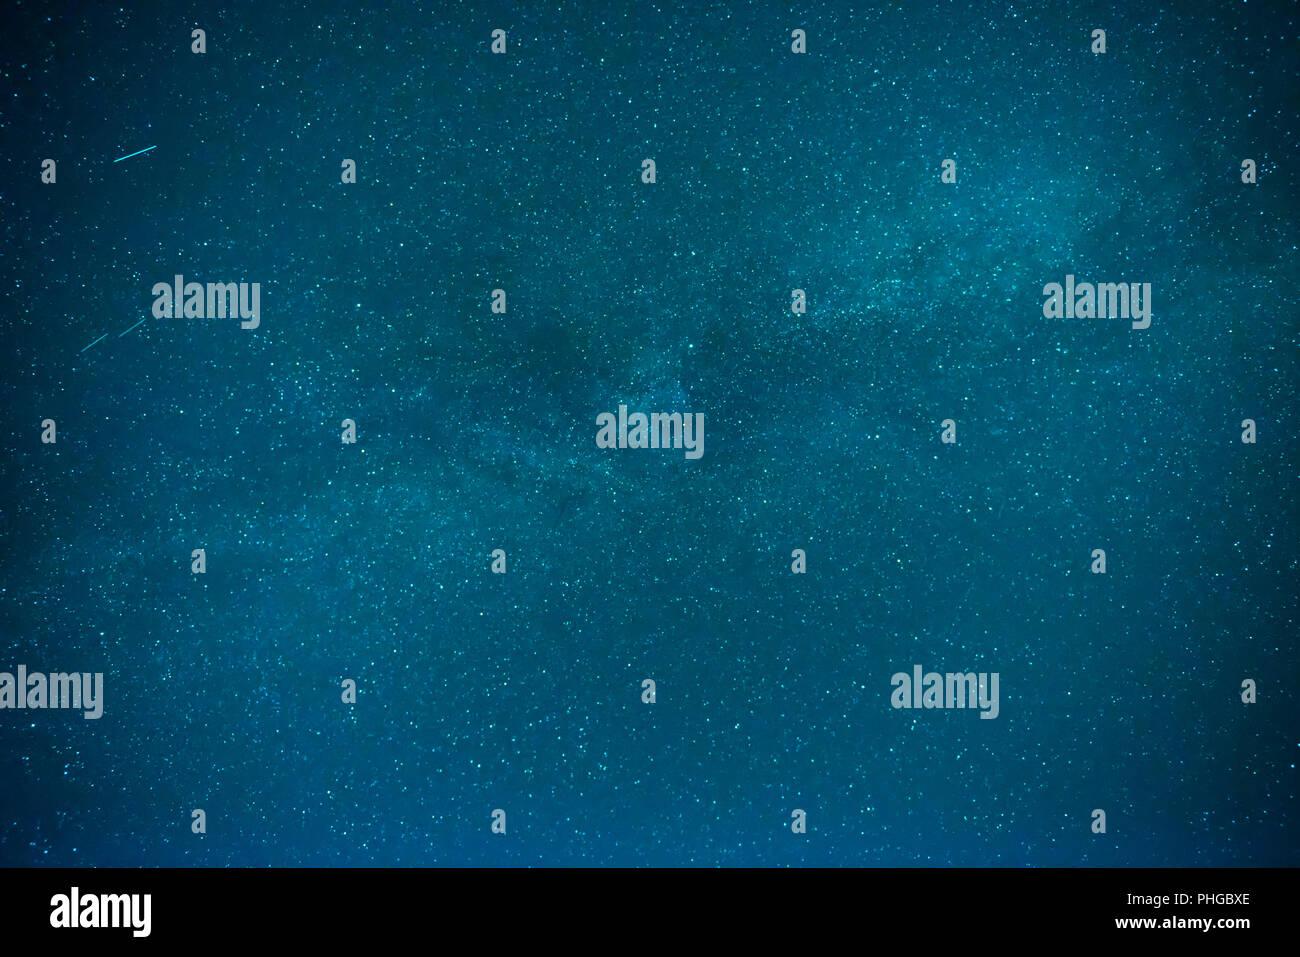 Night sky with many stars - Stock Image